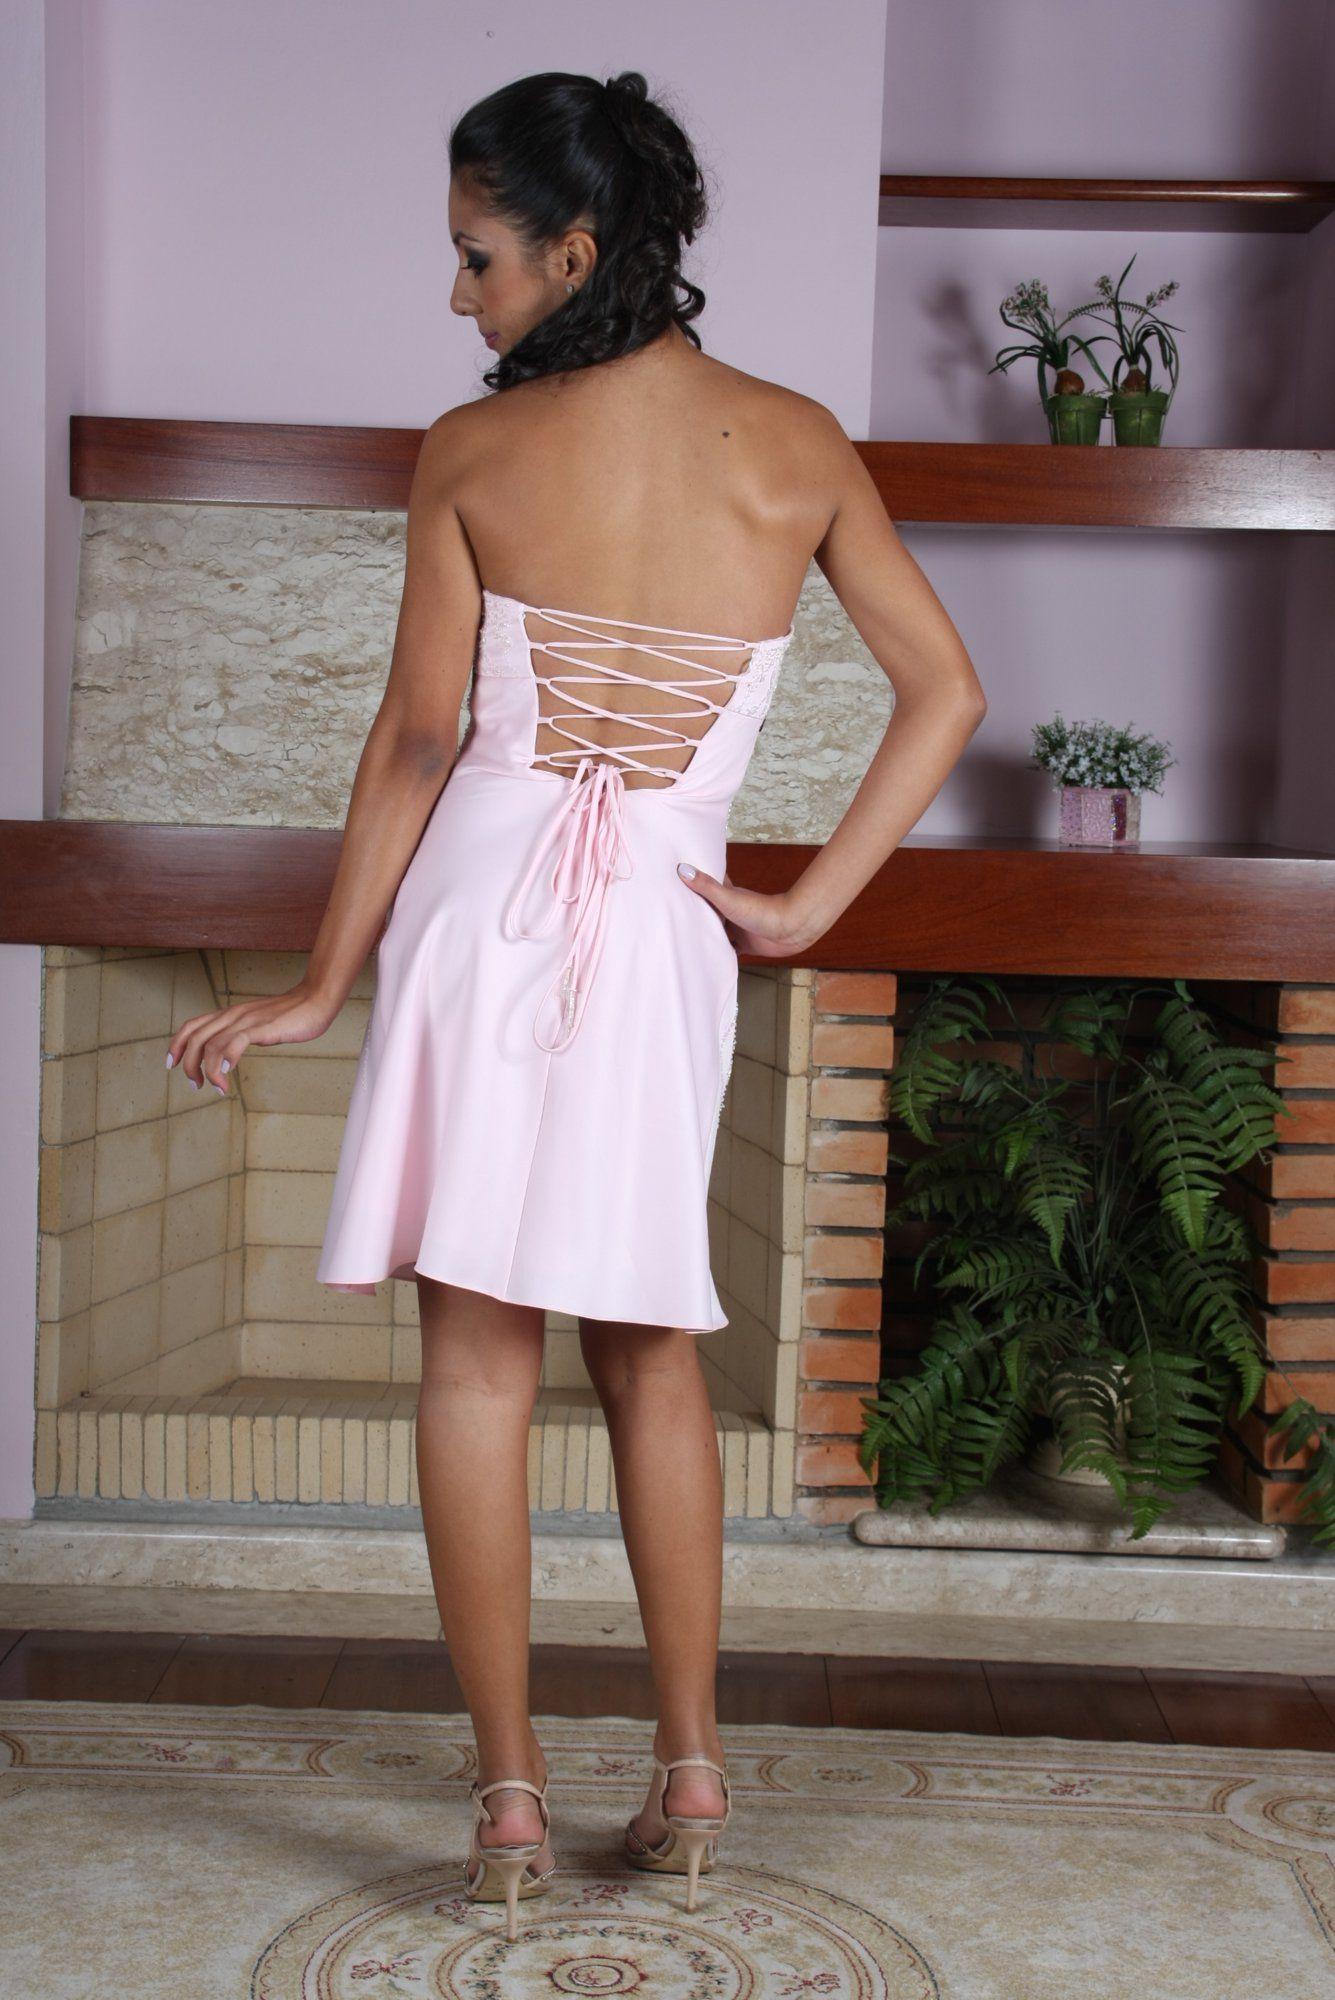 Vestido de Debutante Rosa - 2 - Hipnose Alta Costura e Spa para Noivas e Noivos - Campinas - SP Vestido de Debutante, Vestido de Debutante Rosa, Hipnose Alta Costura